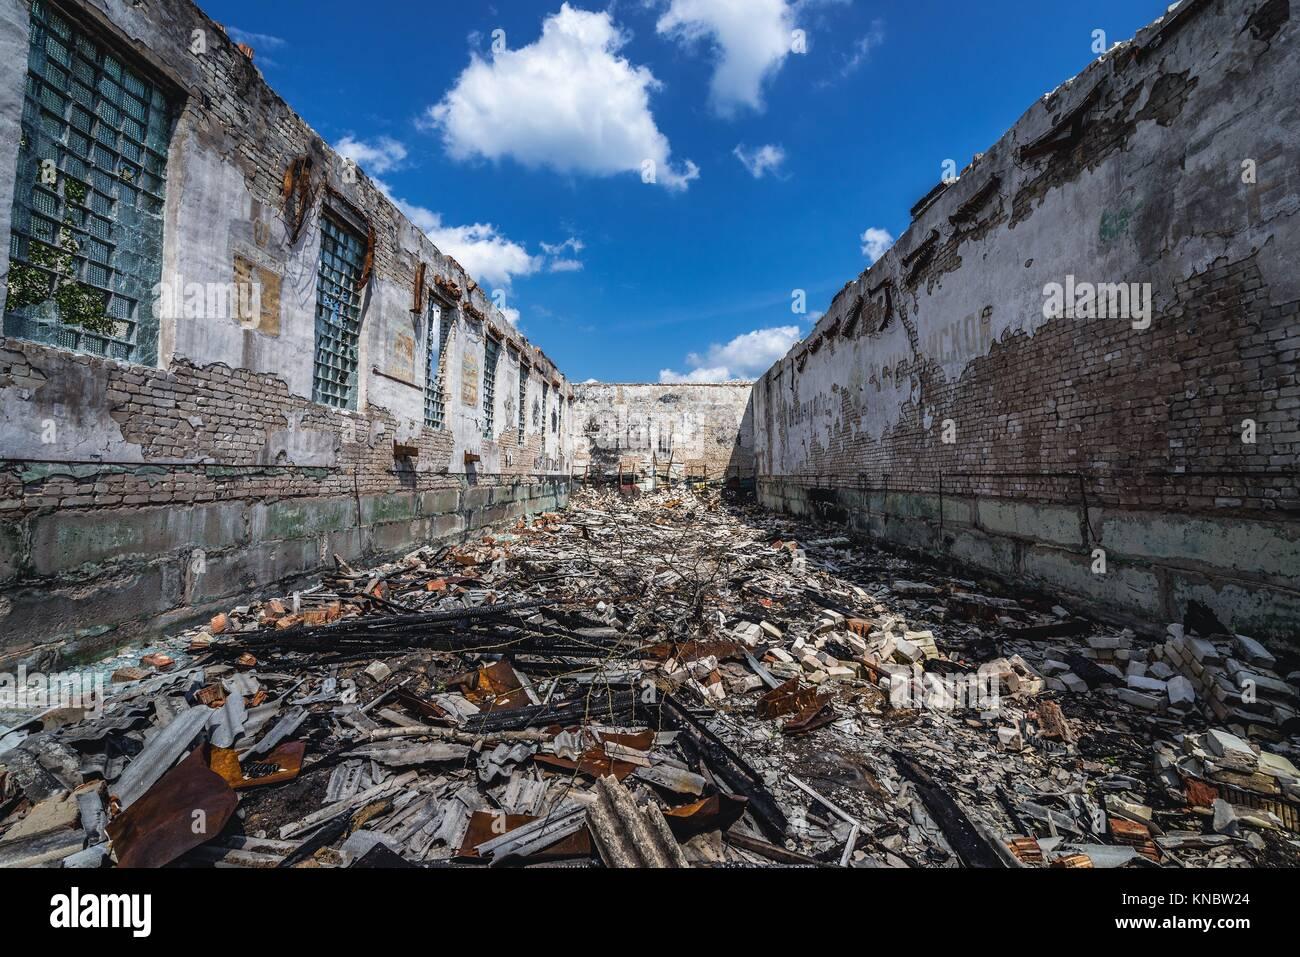 Verbrannt fitnessraum Gebäude in Skrunda-1 Geisterstadt, ehemaliger Standort der Sowjetischen Dnepr Radarstation Stockbild